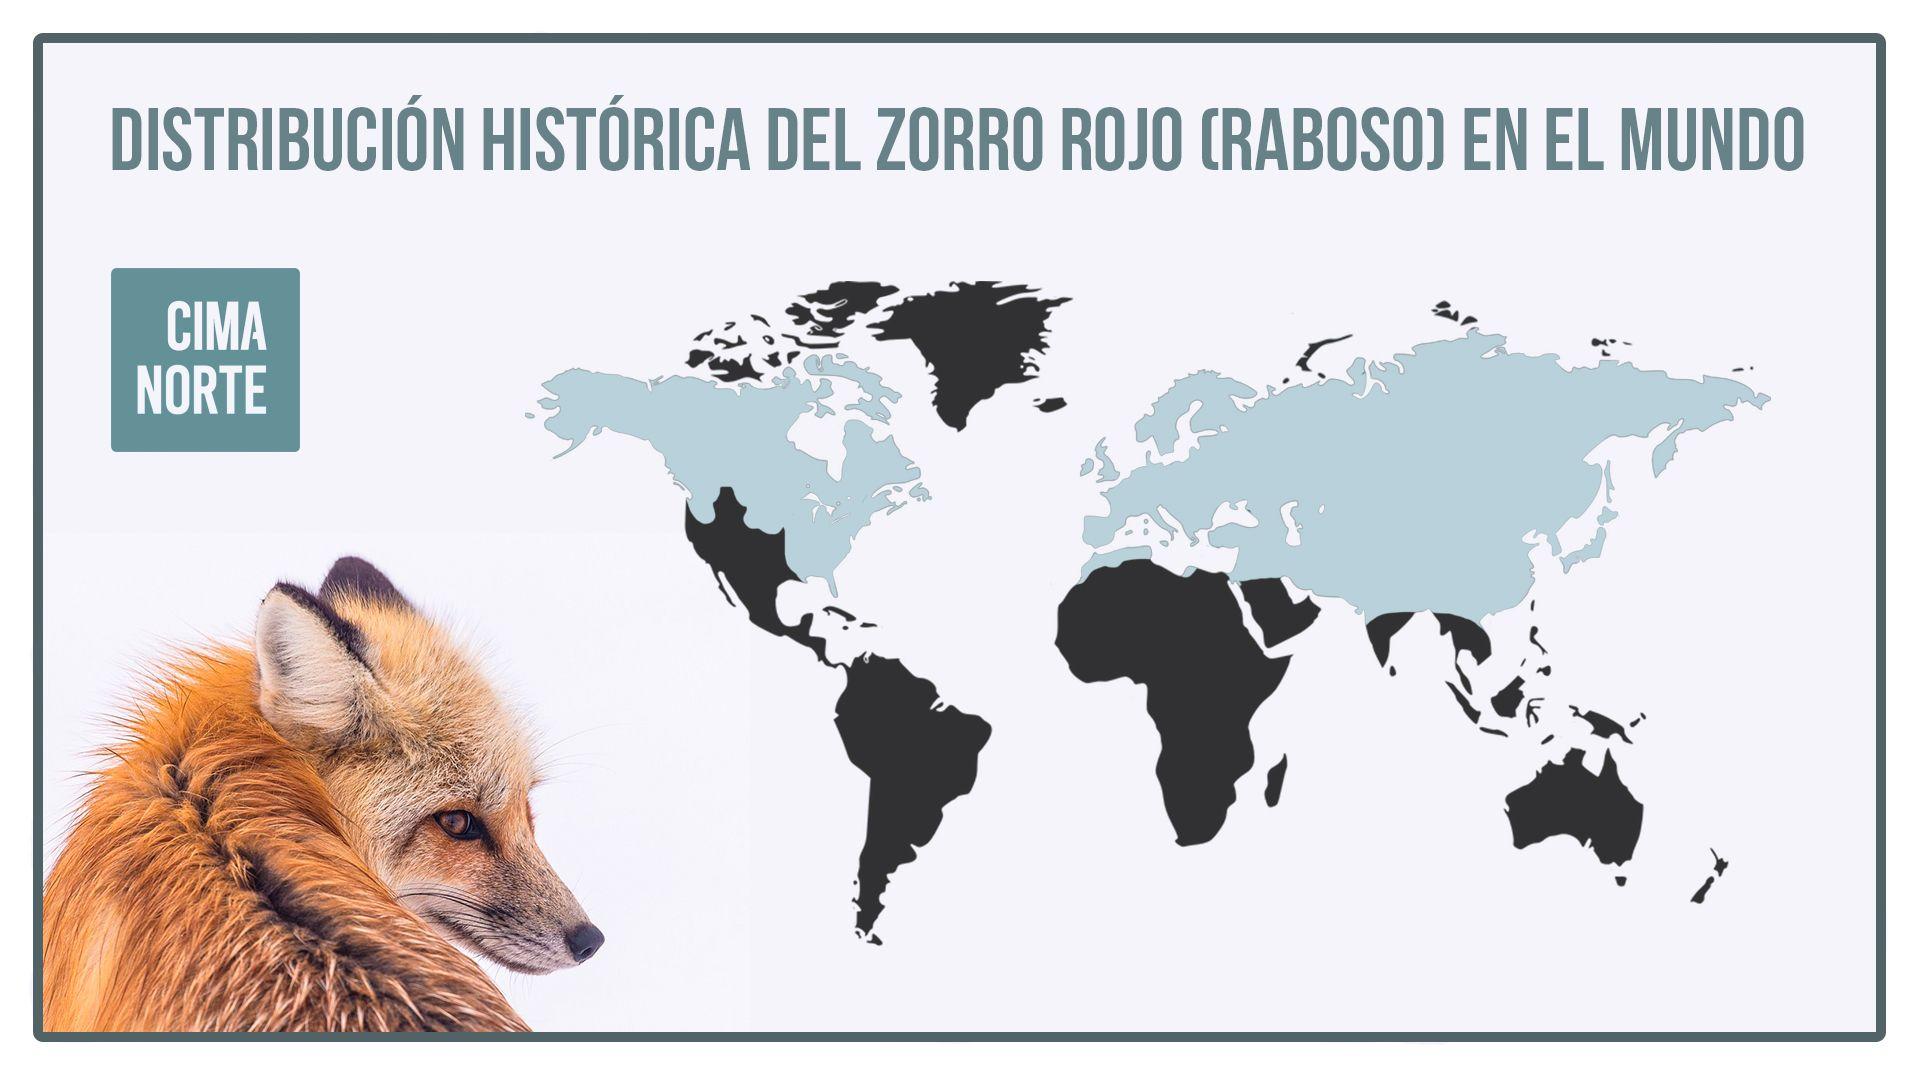 mapa distribución histórica del raboso o zorro rojo en el mundo